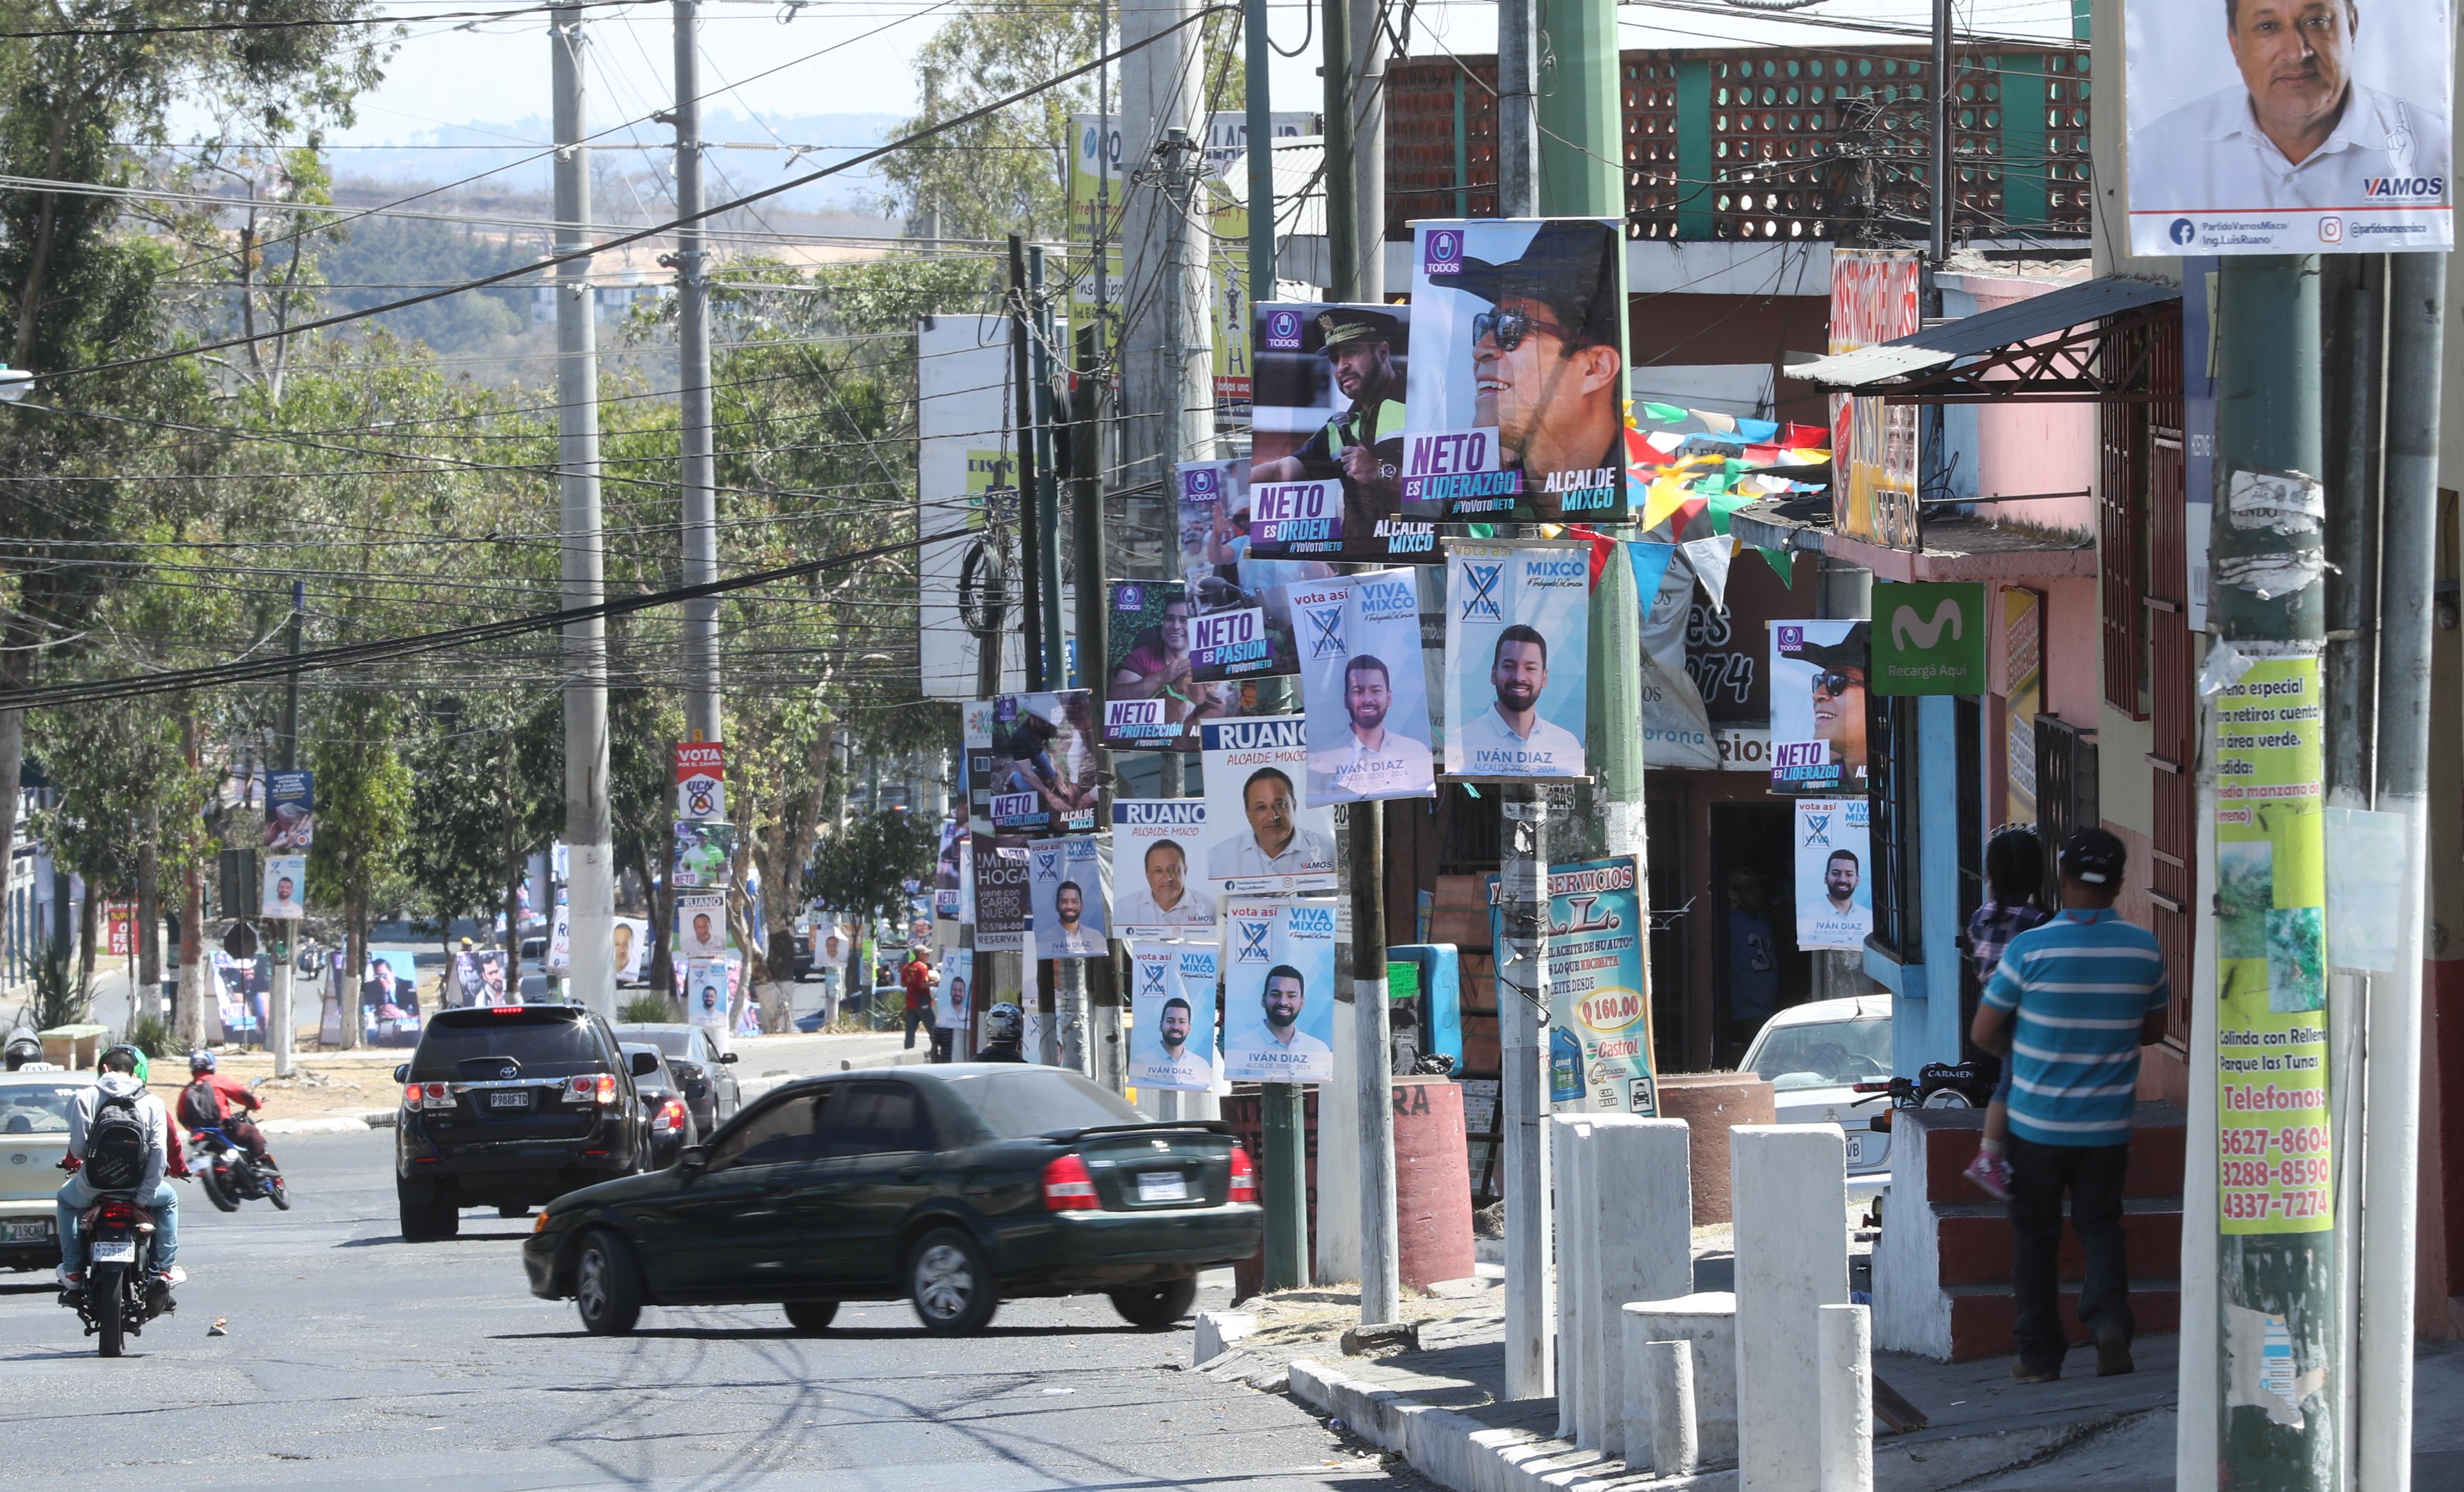 Los partidos políticos ya están enfrascados en el proceso electoral y colocan publicidad en las calles. (Foto Prensa Libre: Esbin García)